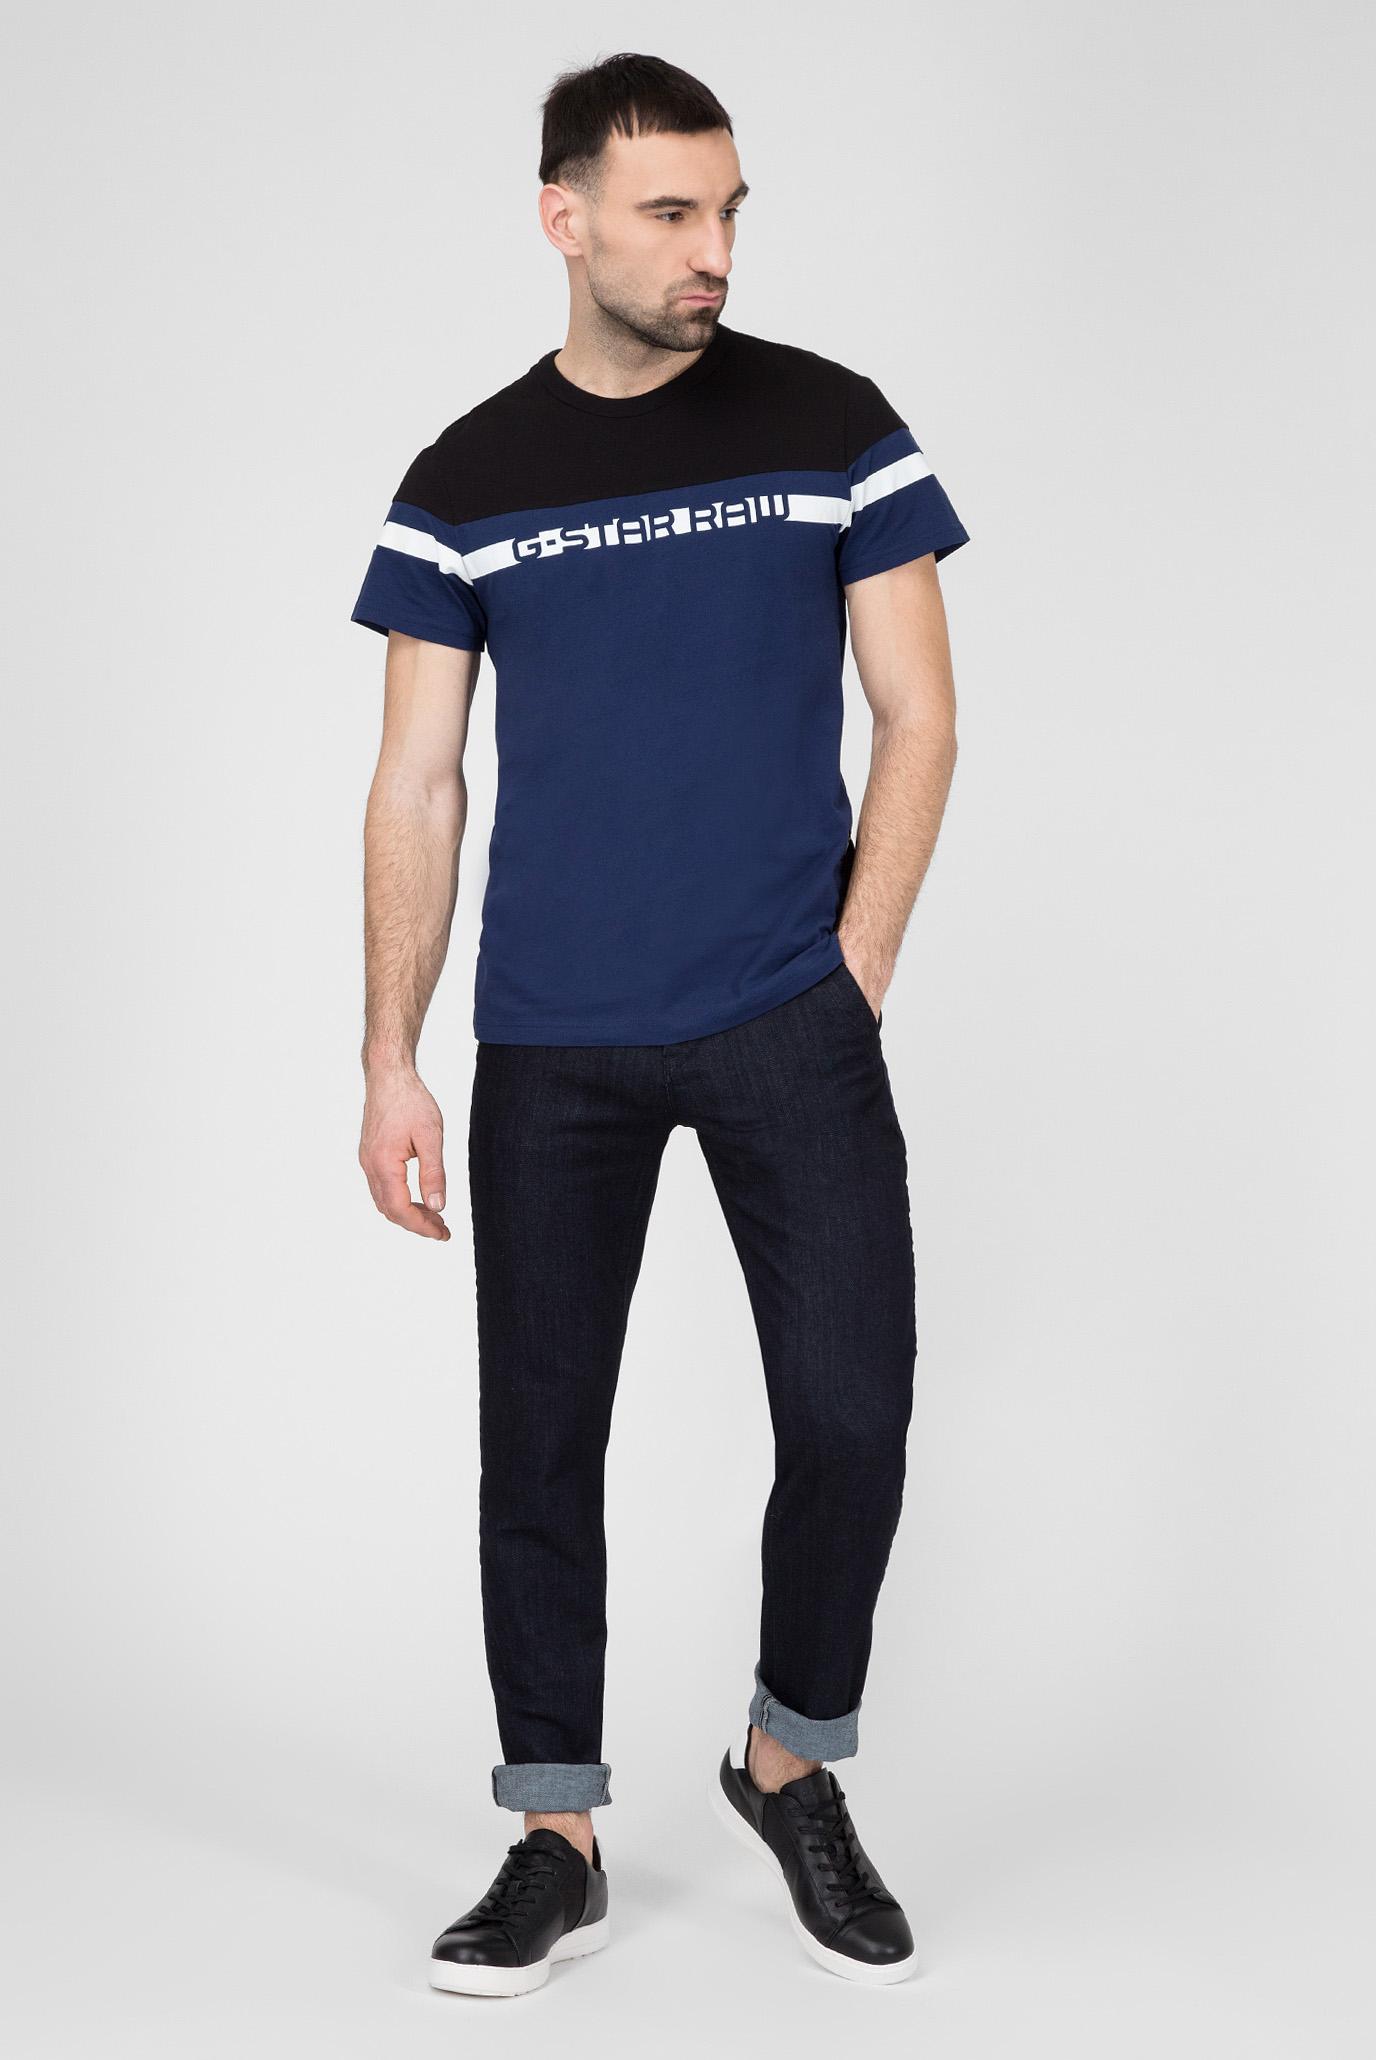 Купить Мужские темно-синие джинсы Bronson G-Star RAW G-Star RAW D11064,8968 – Киев, Украина. Цены в интернет магазине MD Fashion